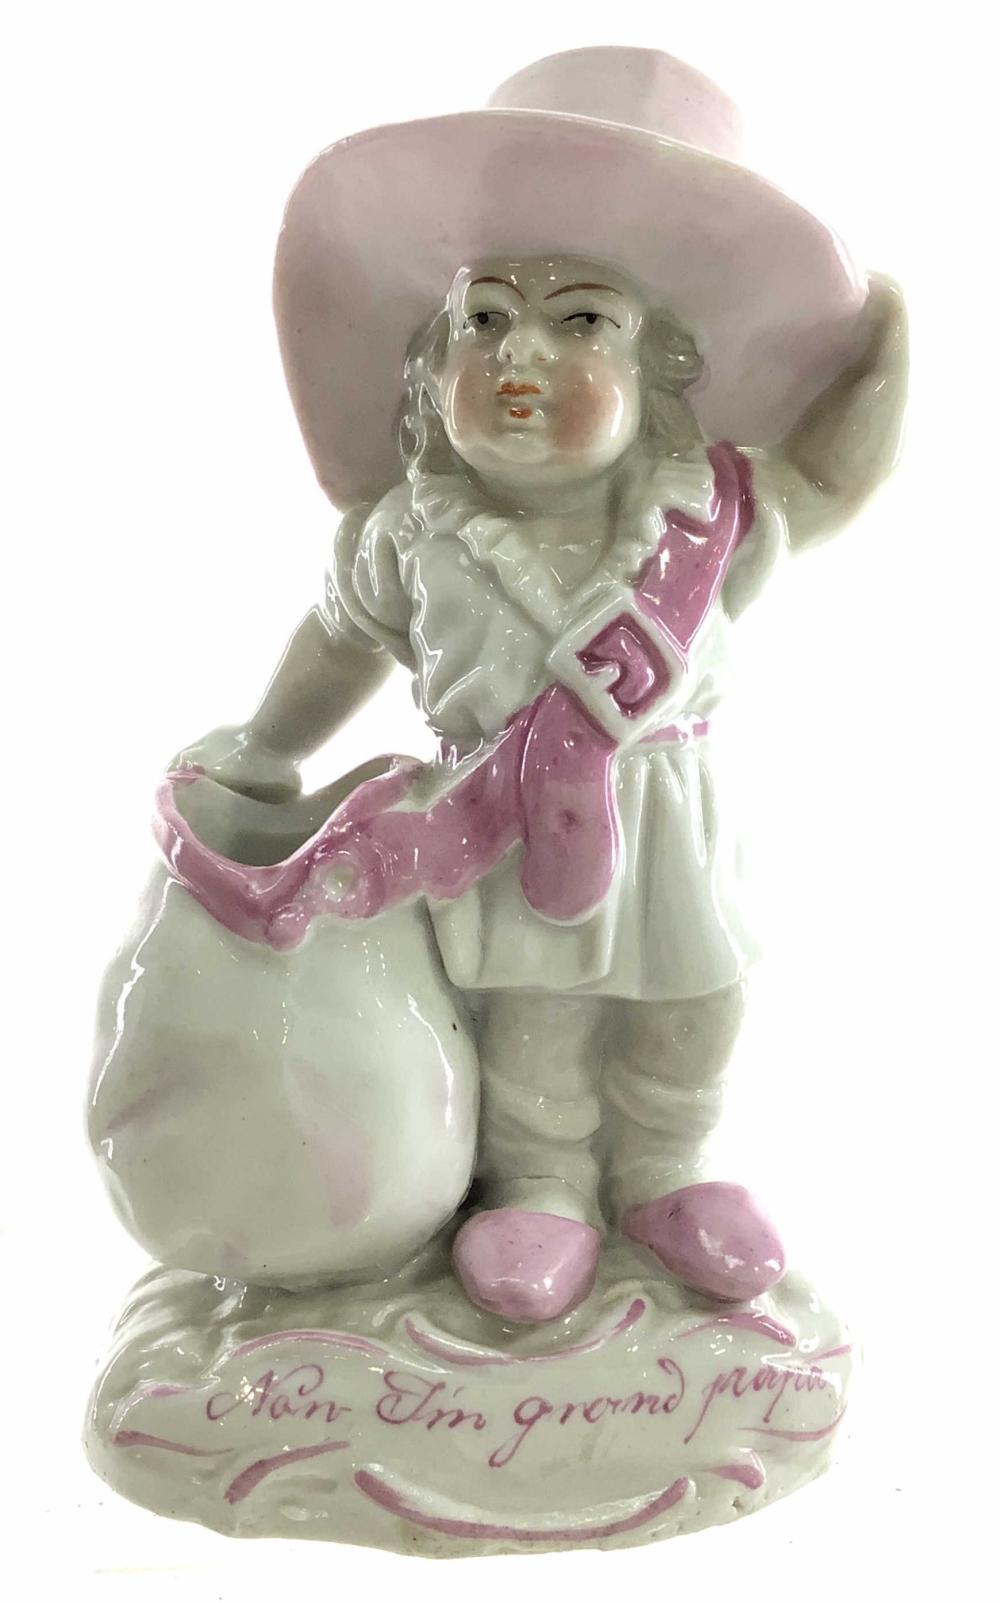 Antique German Pre-1900 Porcelain Toothpick Holder